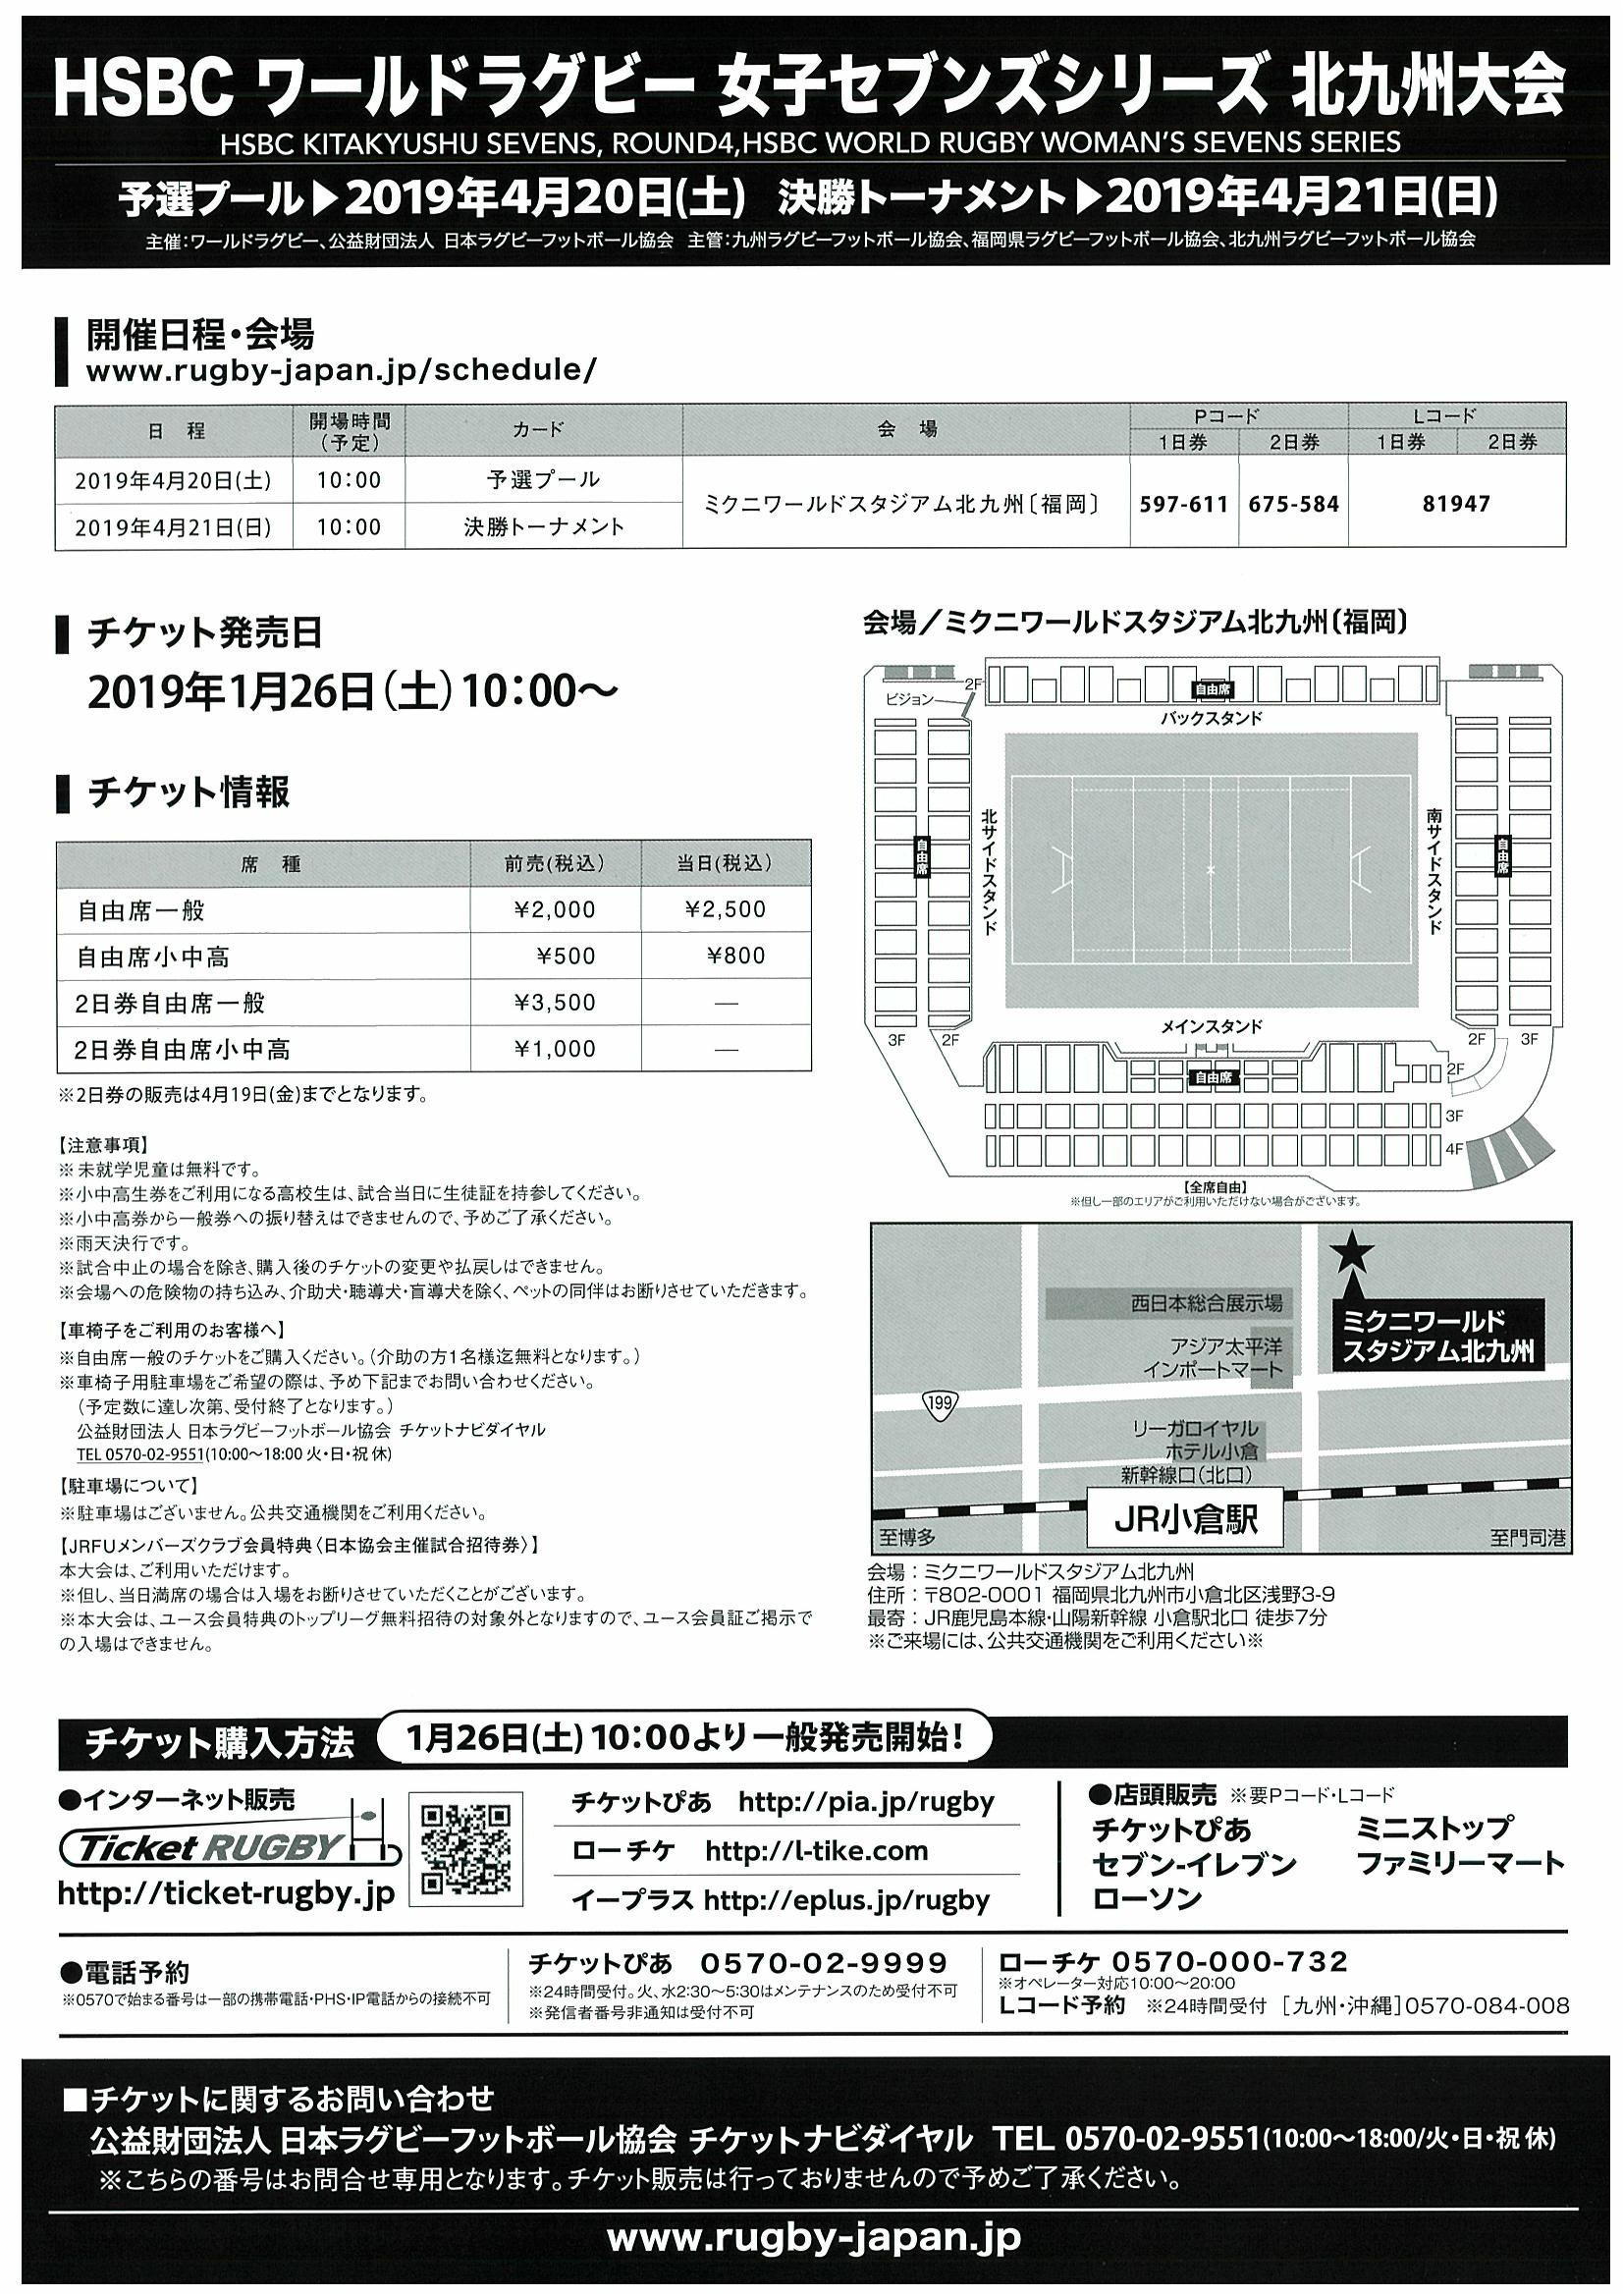 HSBSワールドラクビー女子セブンズシリーズ北九州大会-2